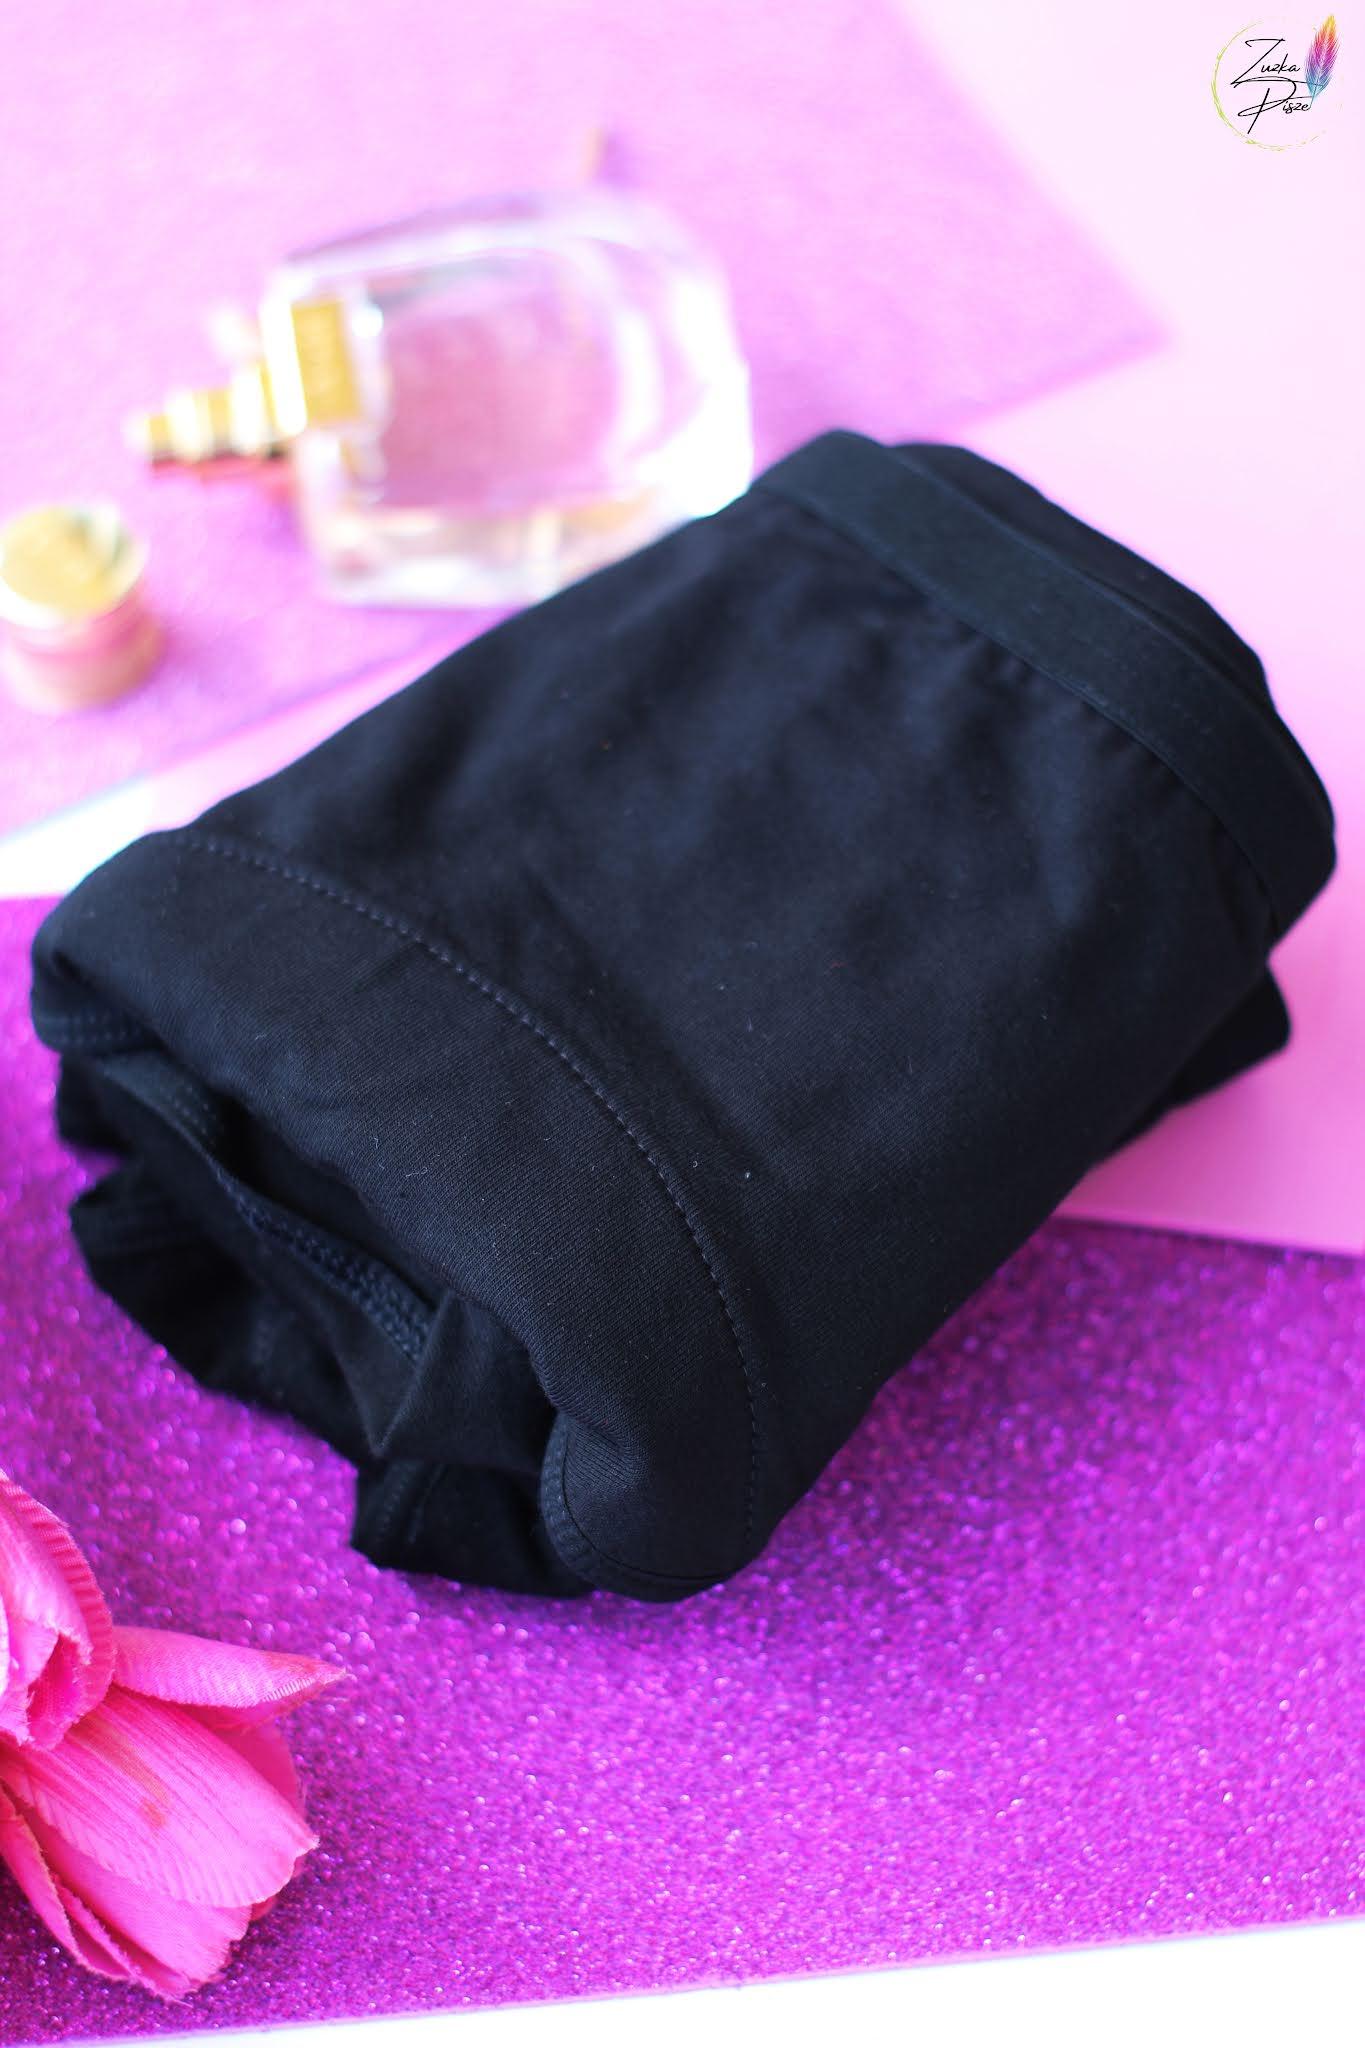 Ochrona / Wygoda / Spokój - majtki menstruacyjne - WIMIN